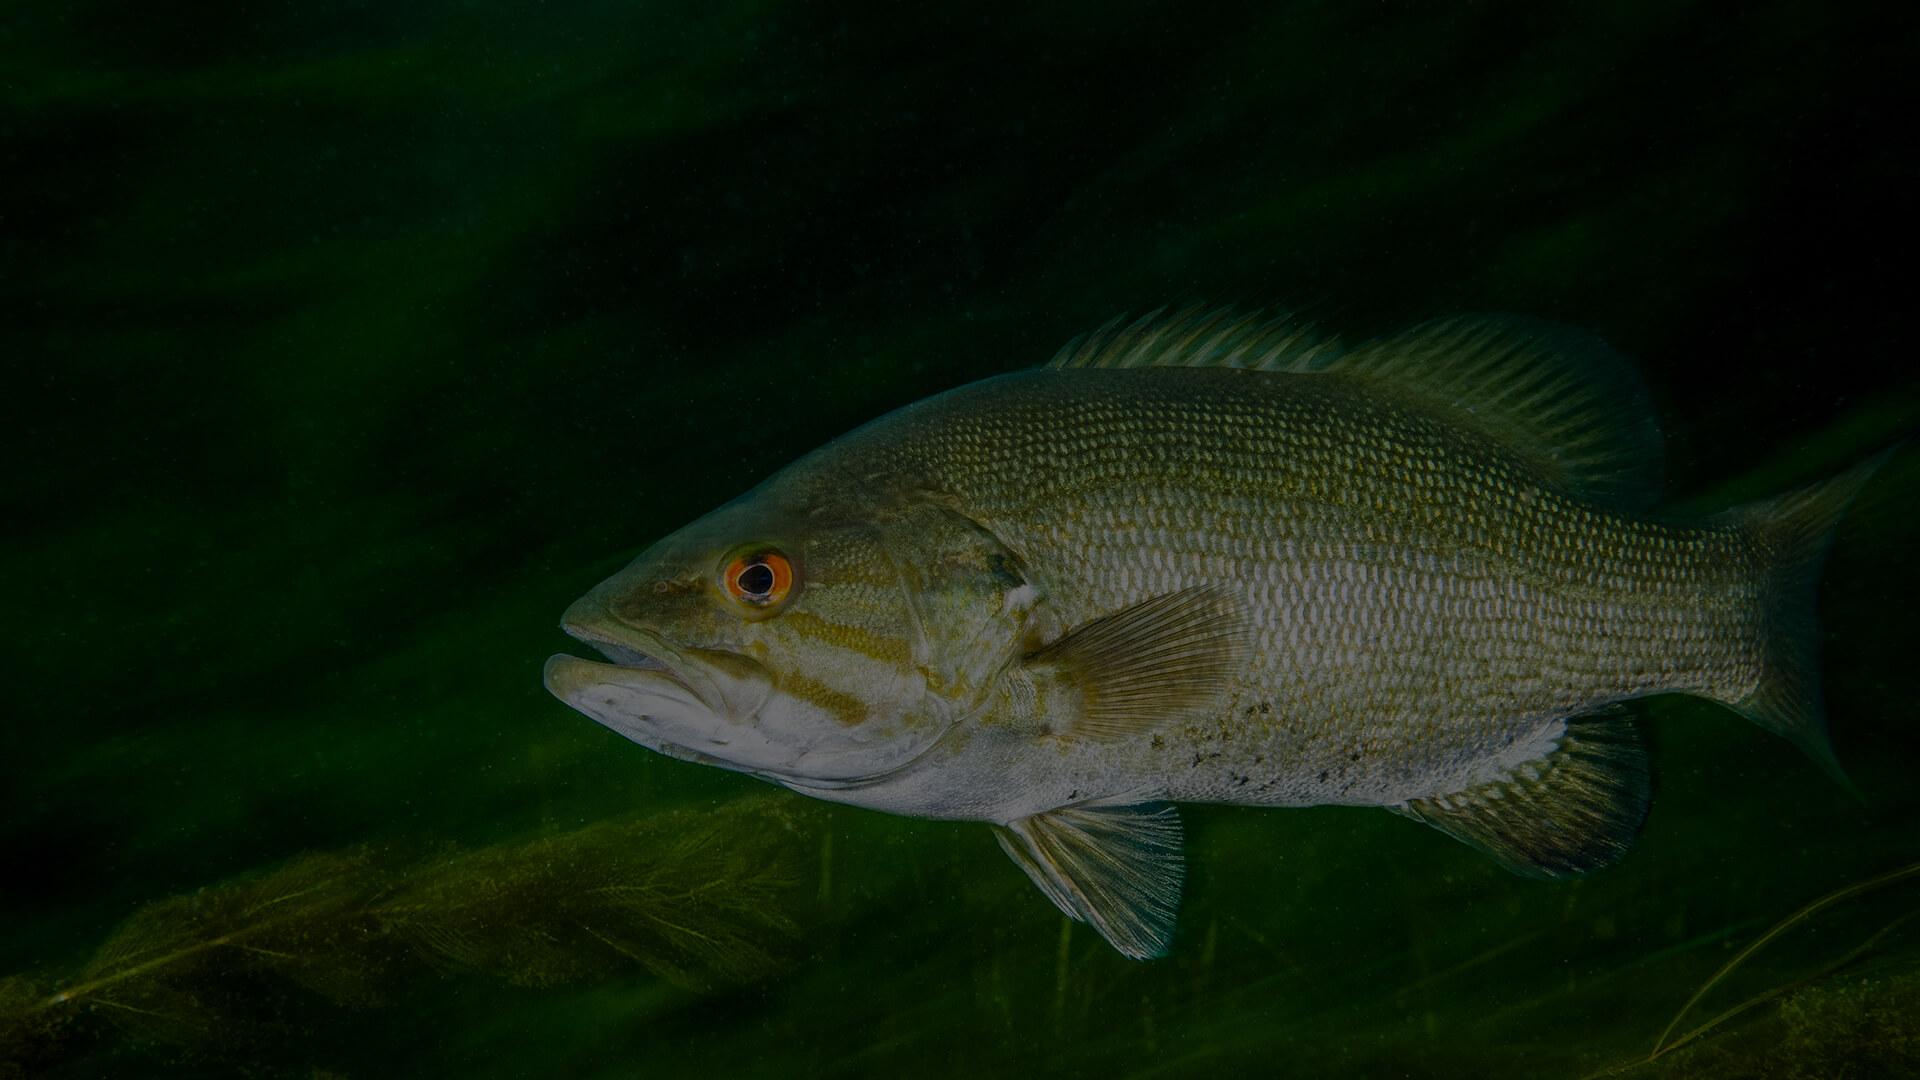 Texas Lake & Pond Management, Fish Stocking - Southwest